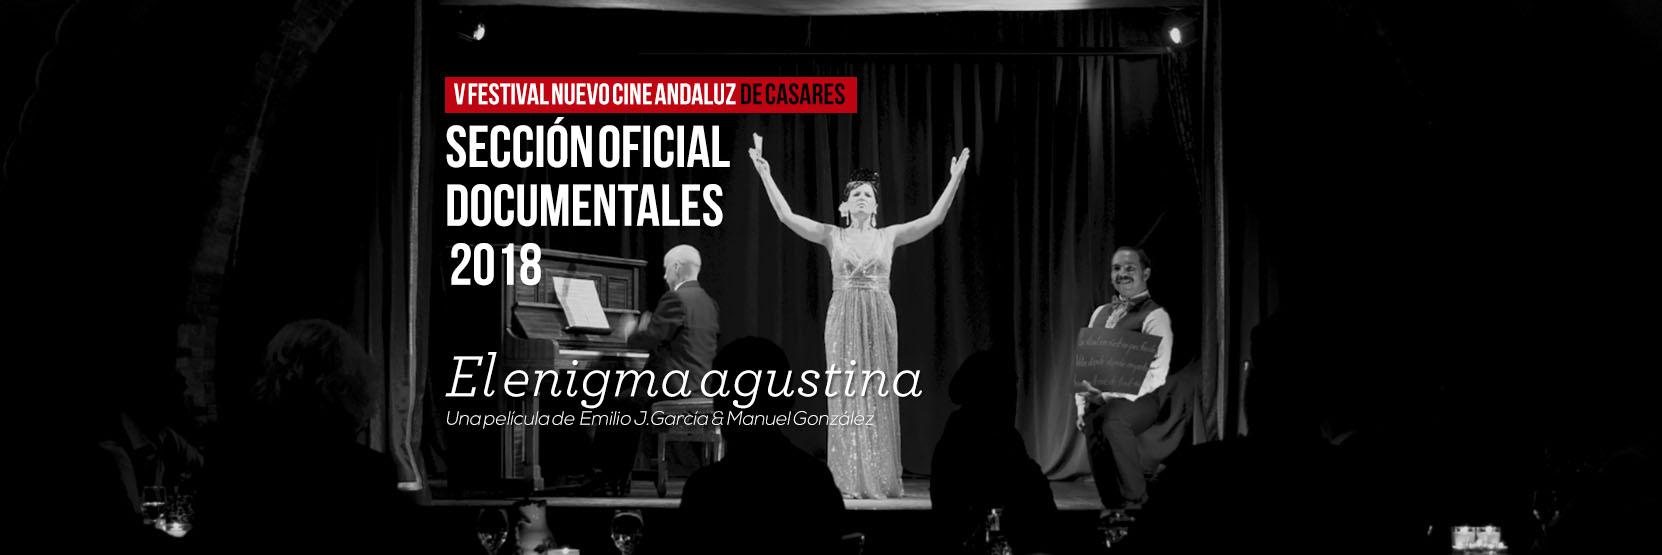 El enigma Agustina, de Emilio J.García y Manuel González